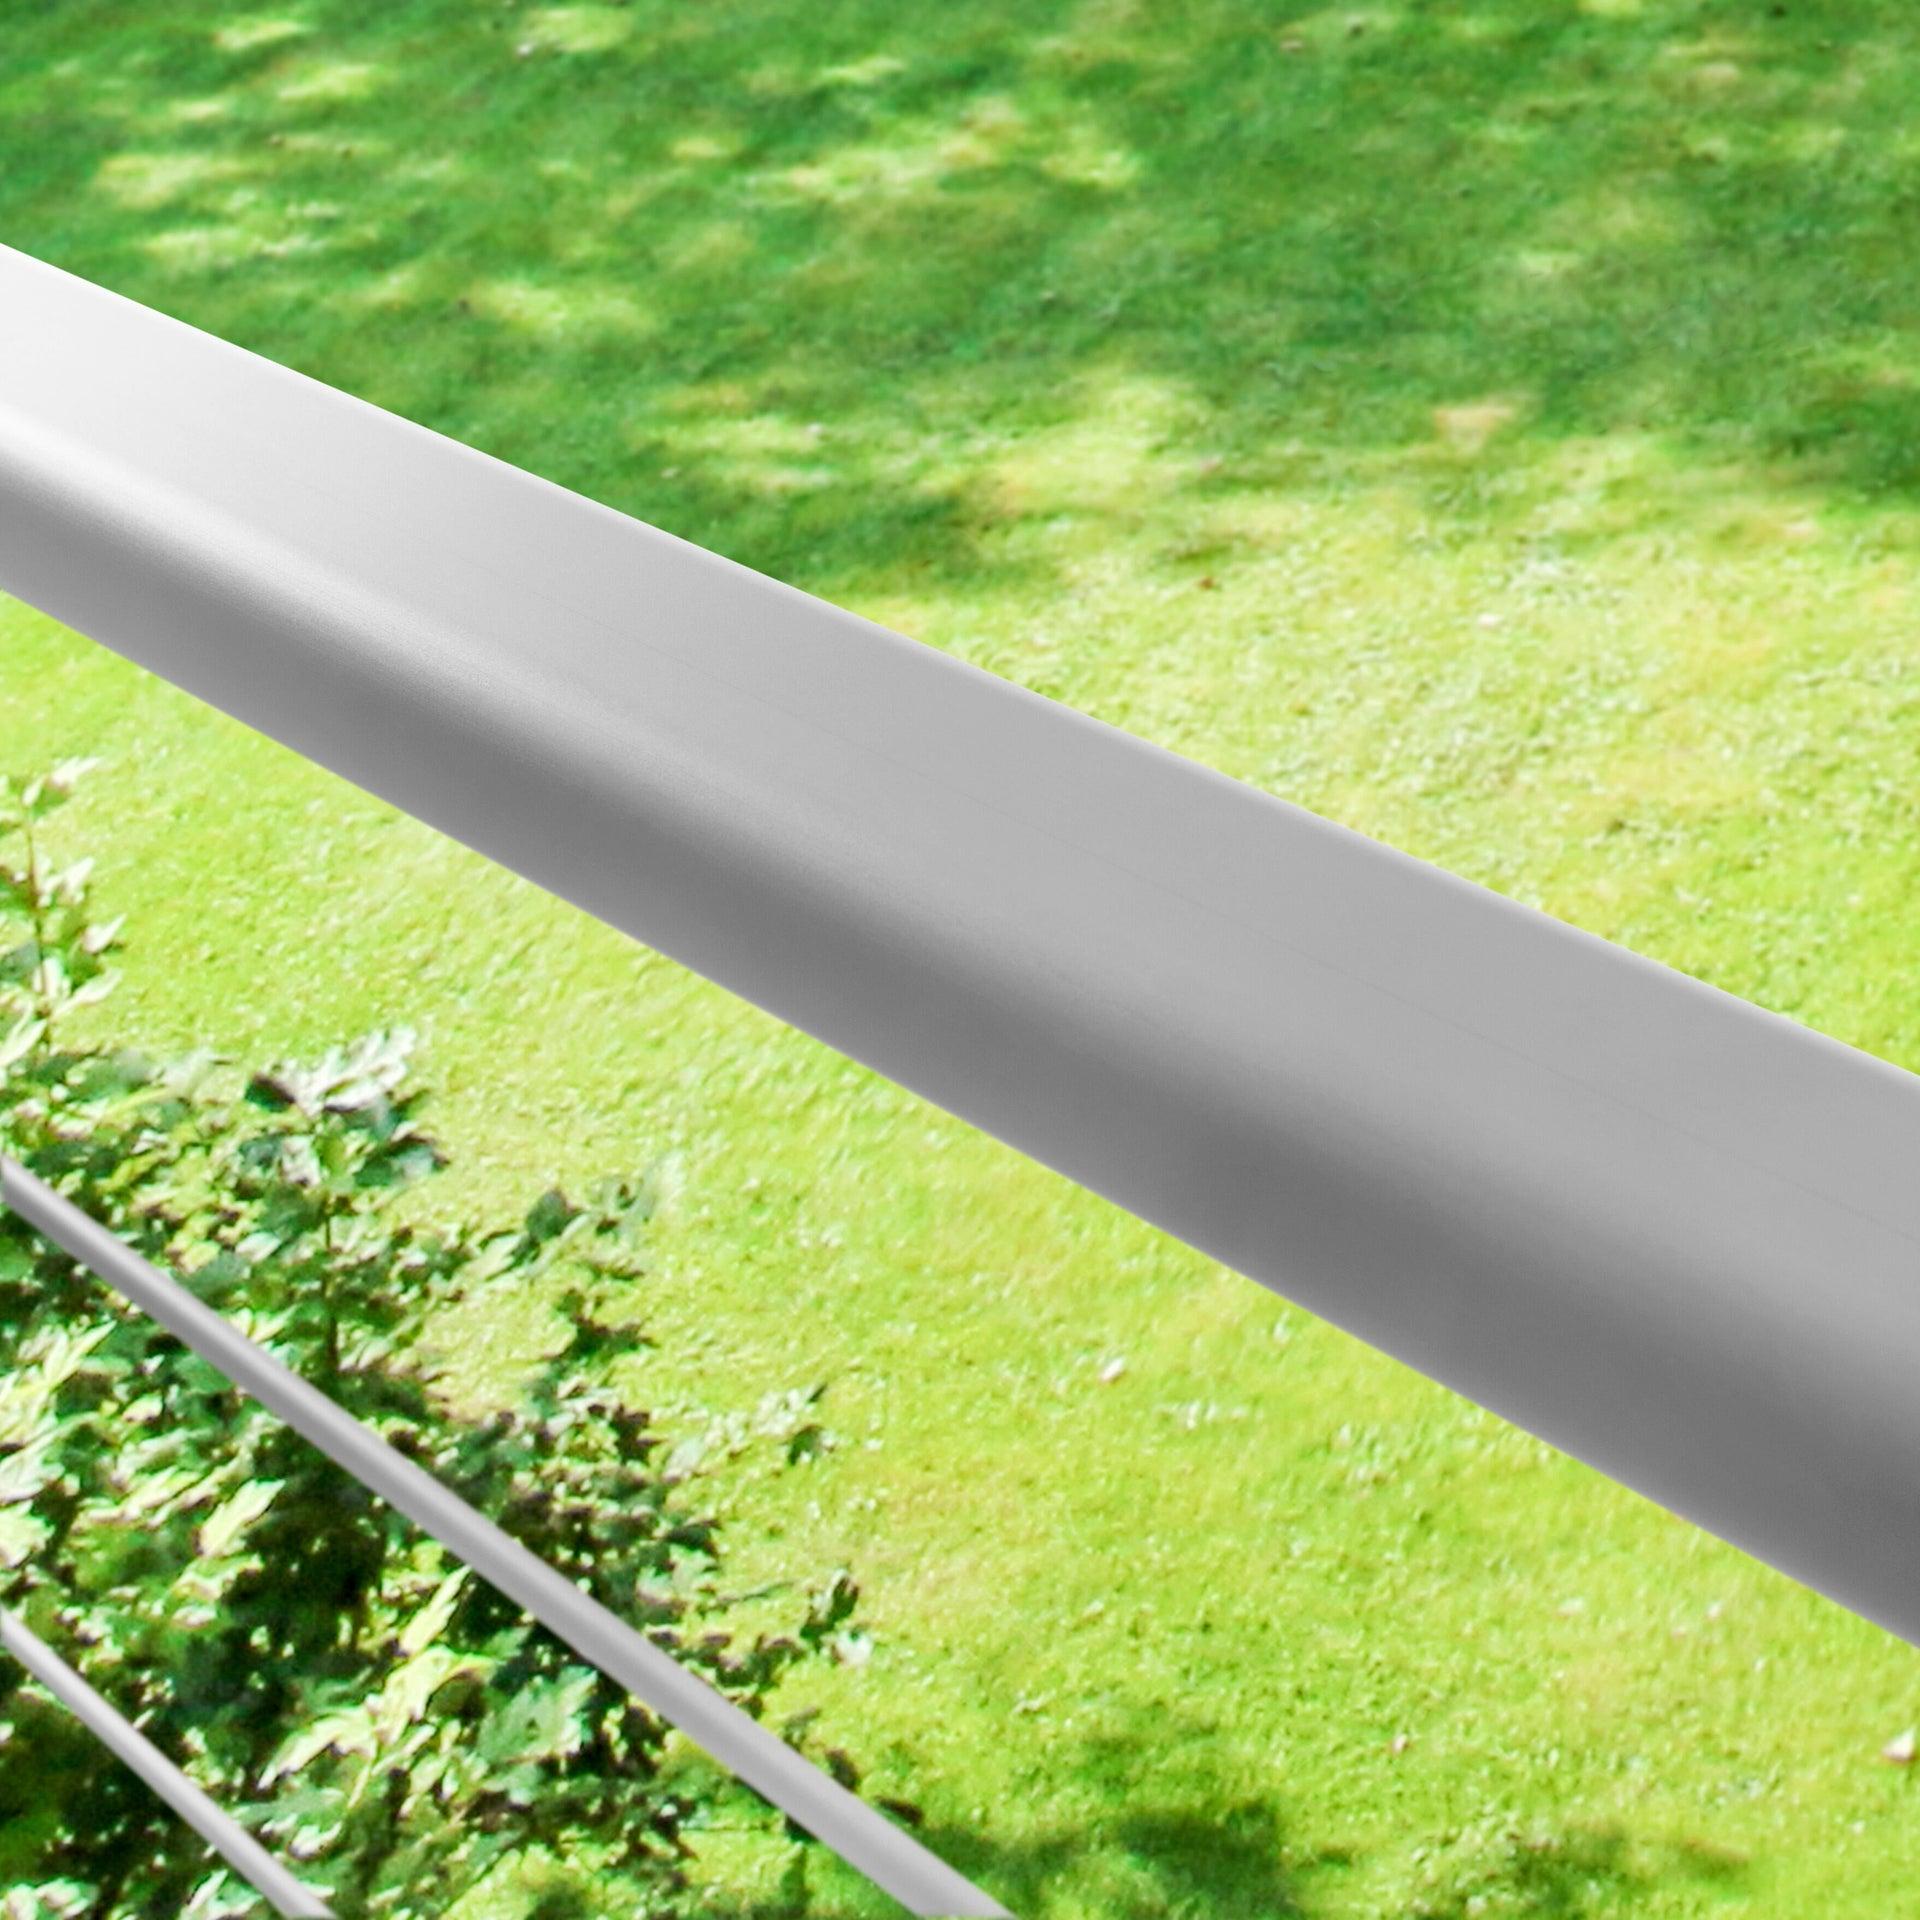 Balaustra ARTENS in alluminio L 200 x H 100 cm grigio - 7